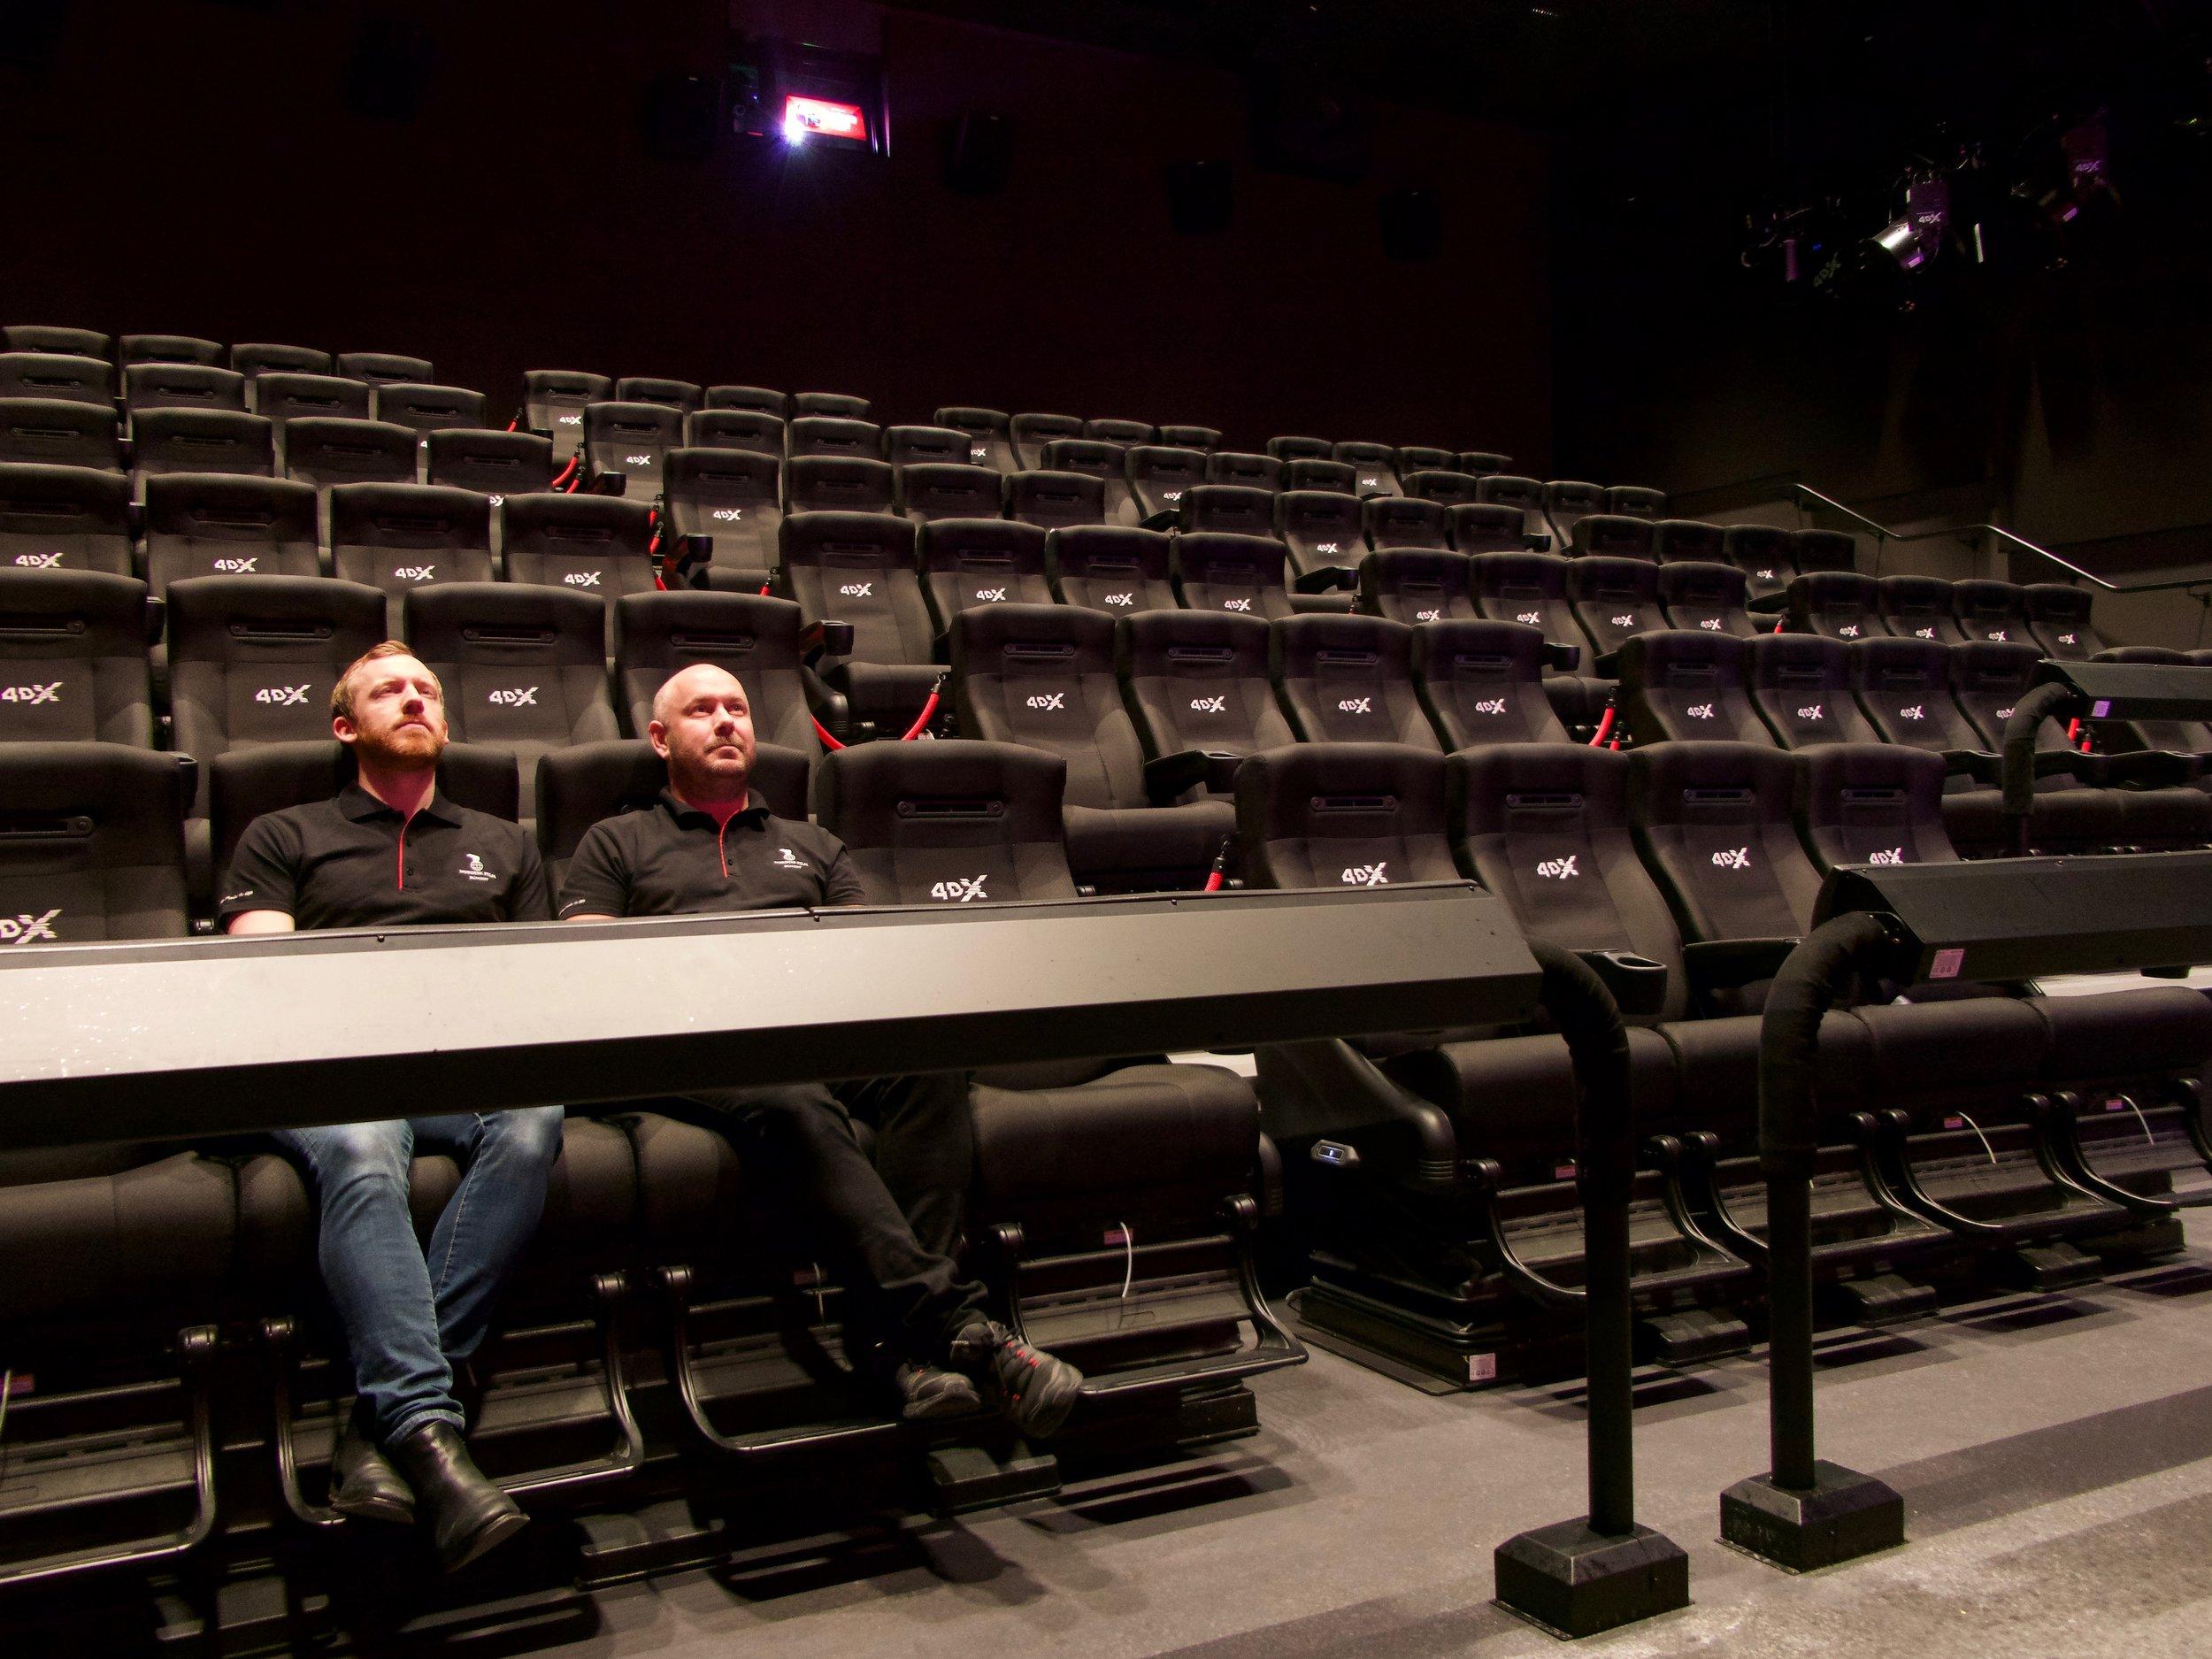 Att sätta sig i fåtöljen på Nordisk Film Bio i stadsdelen Gränby i Uppsala är något utöver det vanliga. Vi träffar Fredrik Andersson (t.v.) och Niklas Gustavsson för en guidad tur genom tekniken bakom 4DX-systemet, för att till slut själva ta plats i biostolen.